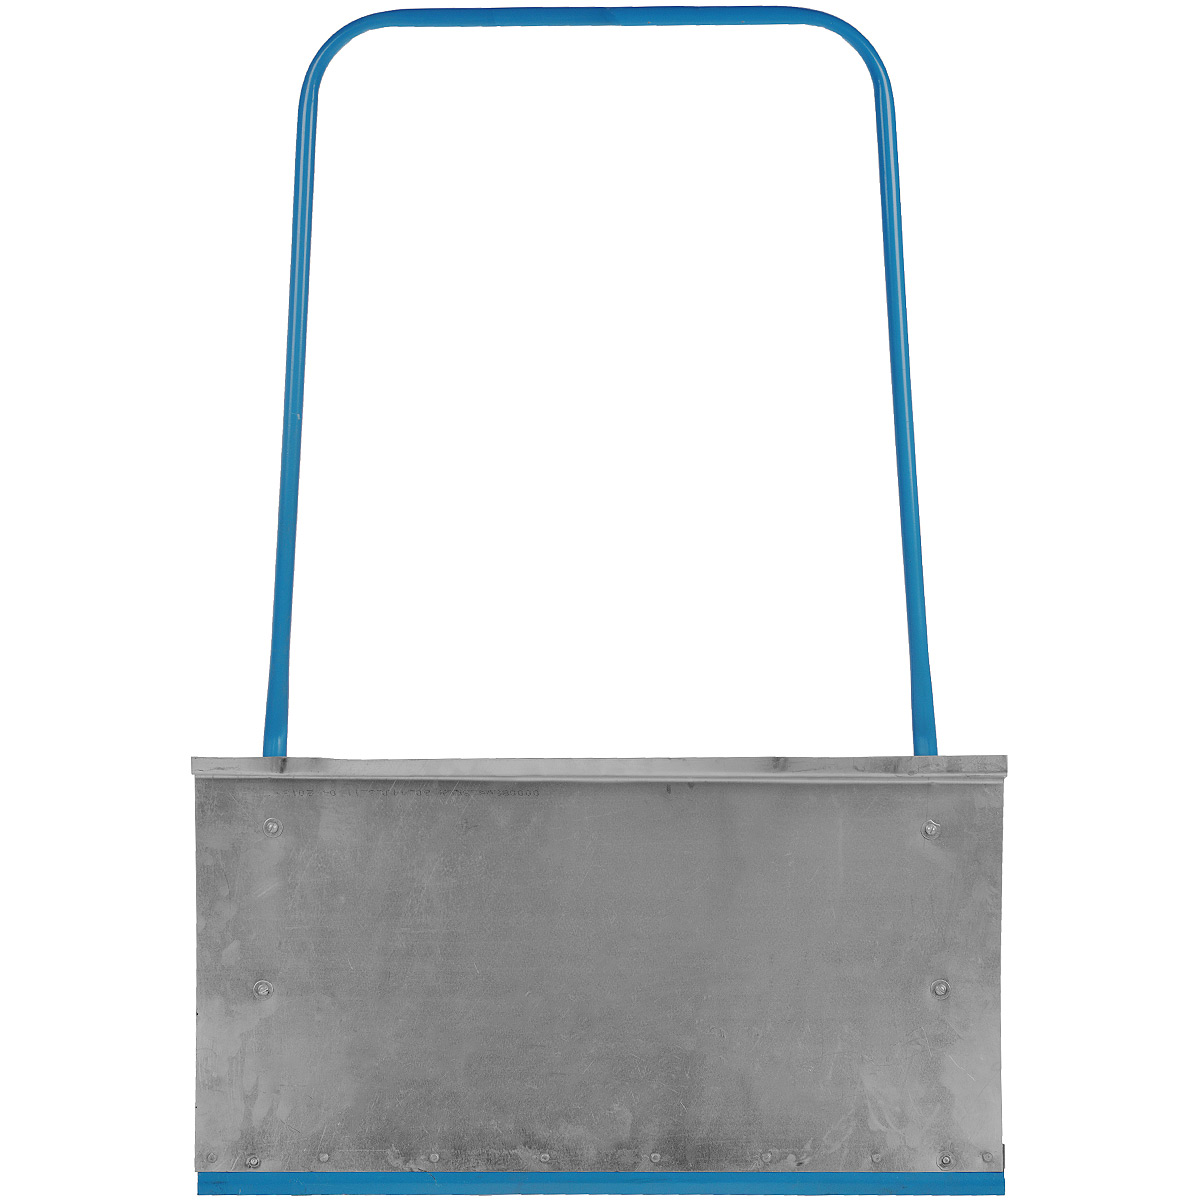 Движок для снега Сибртех, 75 см х 37 см61520Движок СИБРТЕХ предназначен для уборки рыхлого свежего снега на больших территориях, для расчистки тротуаров, площадок, катков, парковок и т.п. Ковш движка изготовлен из оцинкованной стали.